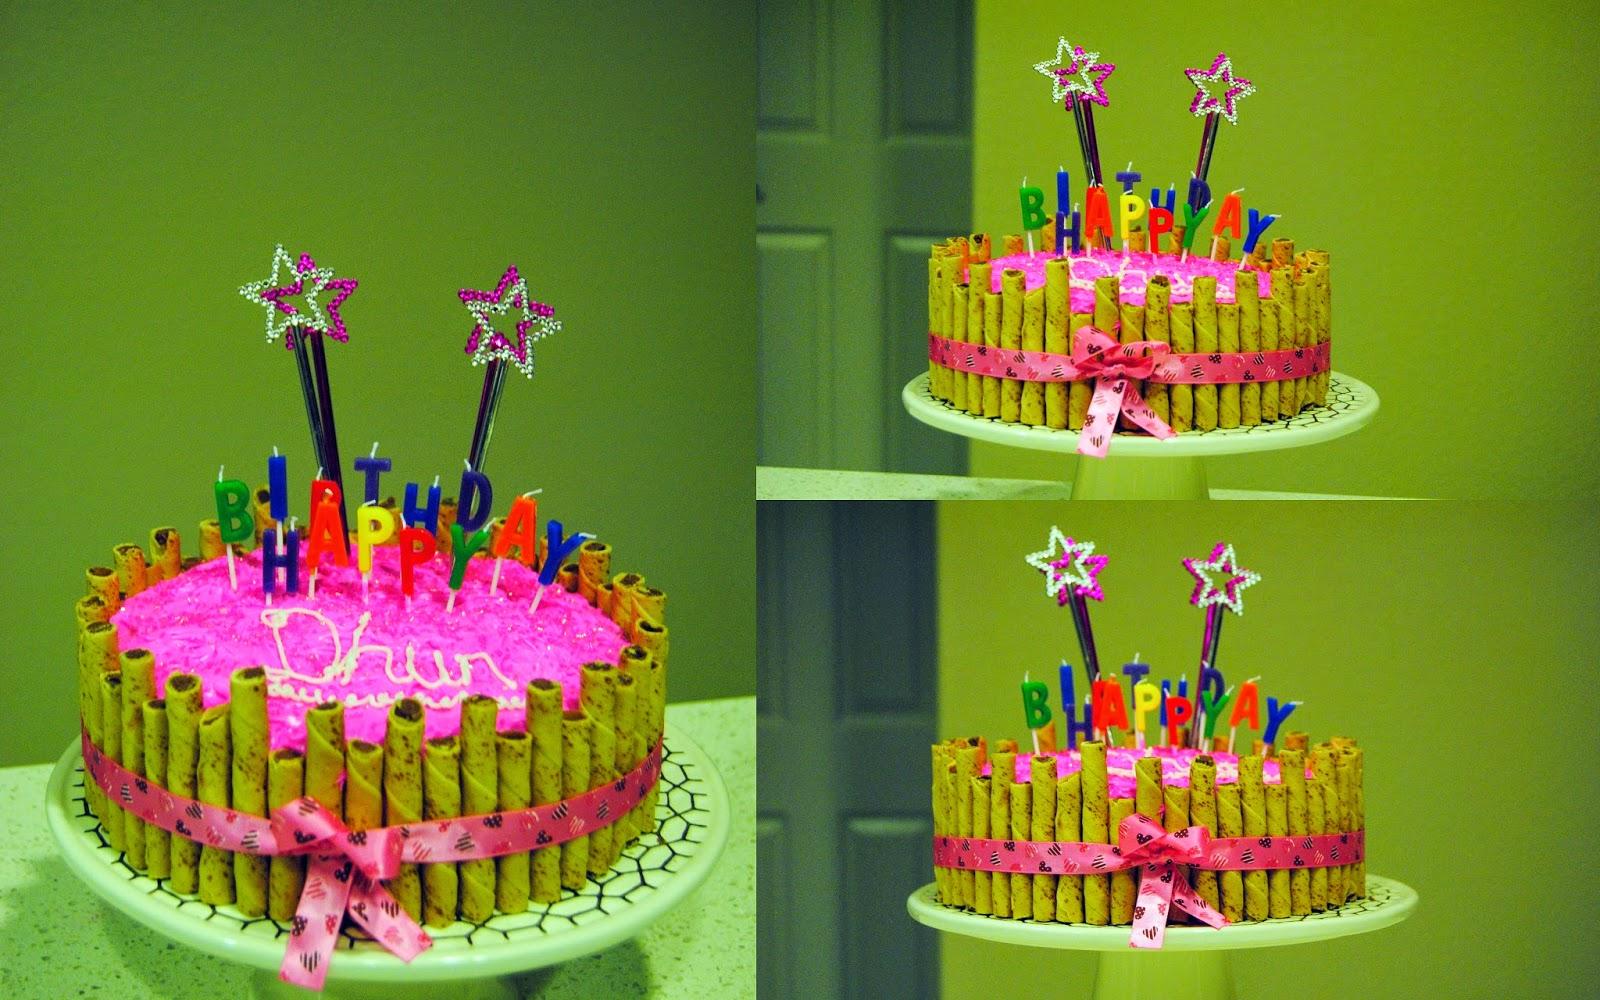 Cake Images Sagar : Being Dhriti!: Love for baking